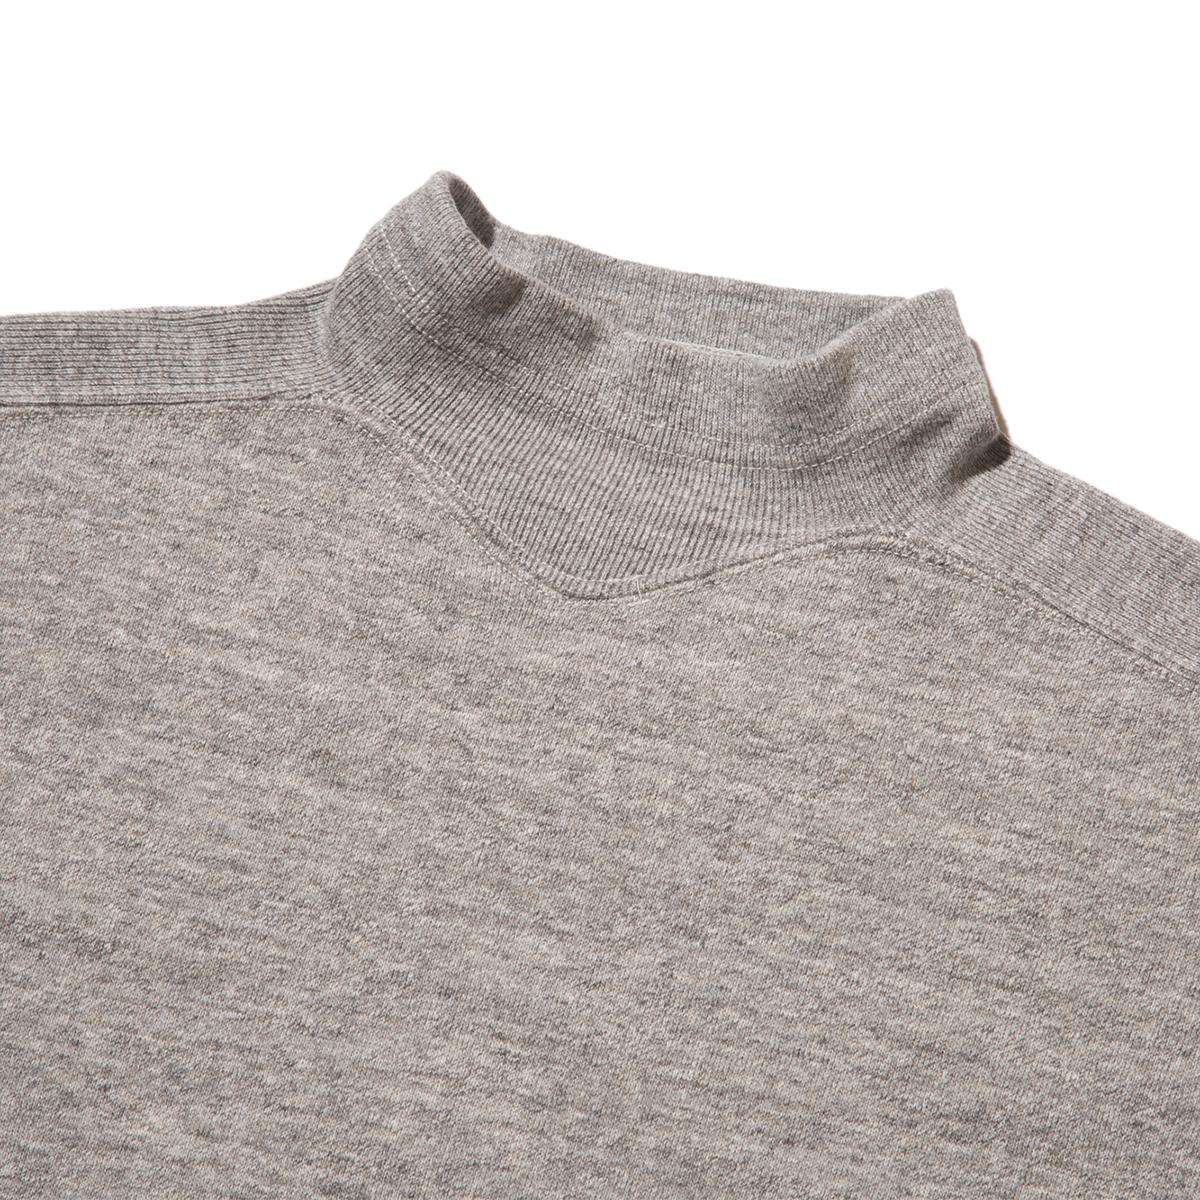 100年前のスウェット、復刻|《GRAY/フットボールシャツ》肩まわり軽やかな独自のディテール、スポルディング社の名作から再構築されたスウェット|A.G. Spalding & Bros